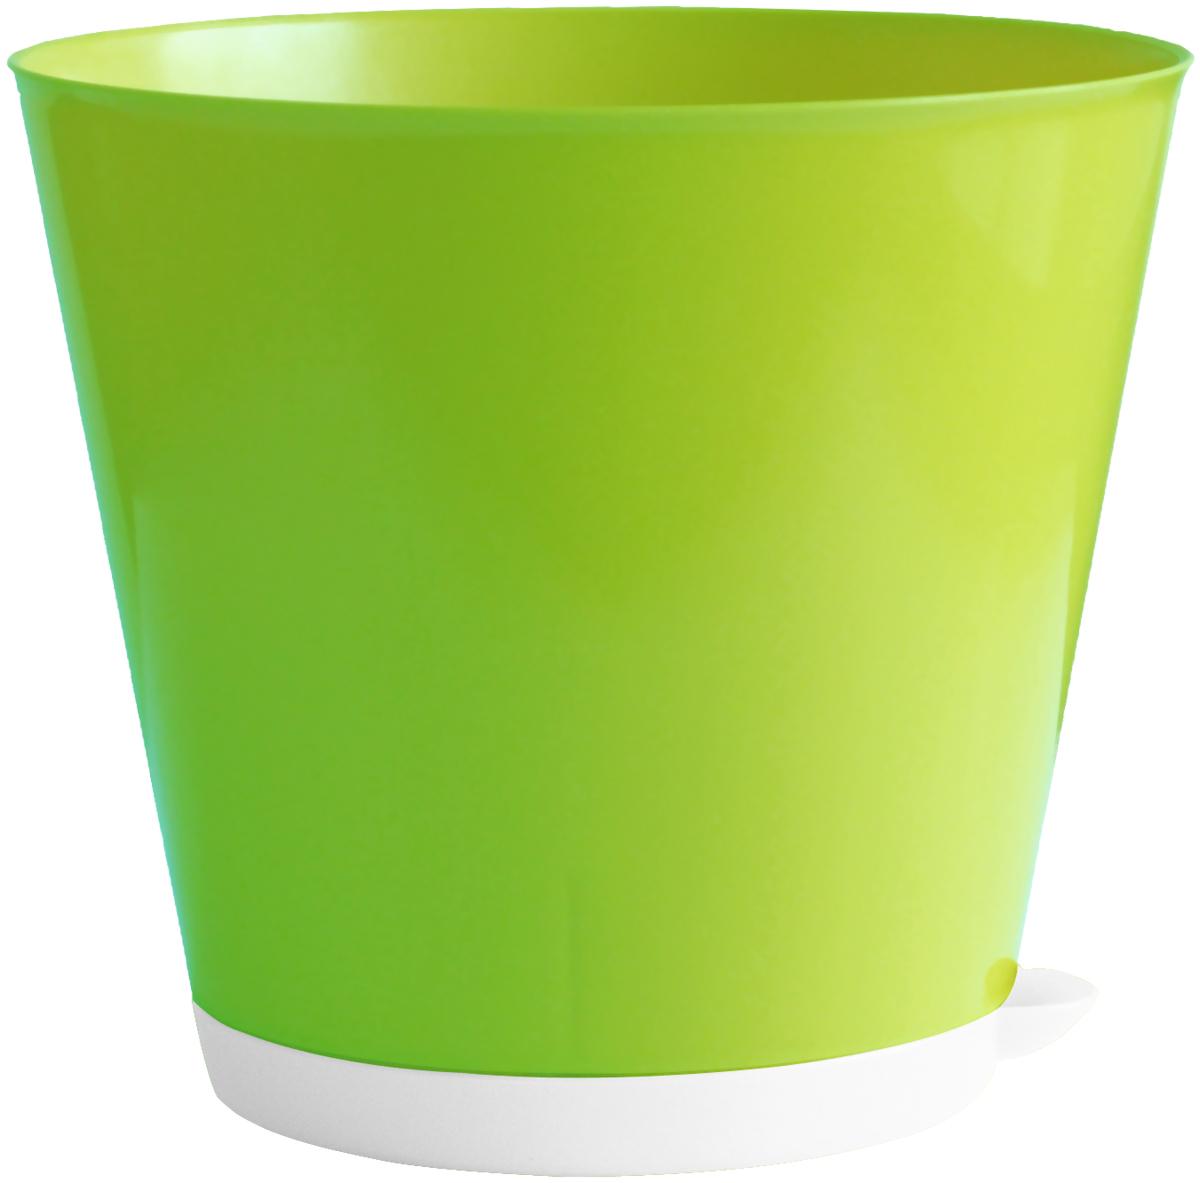 Горшок для цветов InGreen Крит, с системой прикорневого полива, цвет: зелено-желтый, диаметр 16 смDK001-SГоршок InGreen Крит, выполненный из высококачественного полипропилена (пластика), предназначен для выращивания комнатных цветов, растений и трав. Специальная конструкция обеспечивает вентиляцию в корневой системе растения, а дренажные отверстия позволяют выходить лишней влаге из почвы. Крепежные отверстия и штыри прочно крепят подставку к горшку. Прикорневой полив растения осуществляется через удобный носик. Система прикорневого полива позволяет оставлять комнатное растение без внимания тем, кто часто находится в командировках или собирается в отпуск и не имеет возможности вовремя поливать цветы.Такой горшок порадует вас современным дизайном и функциональностью, а также оригинально украсит интерьер любого помещения. Объем горшка: 1,8 л.Диаметр горшка (по верхнему краю): 16 см.Высота горшка: 14,7 см.